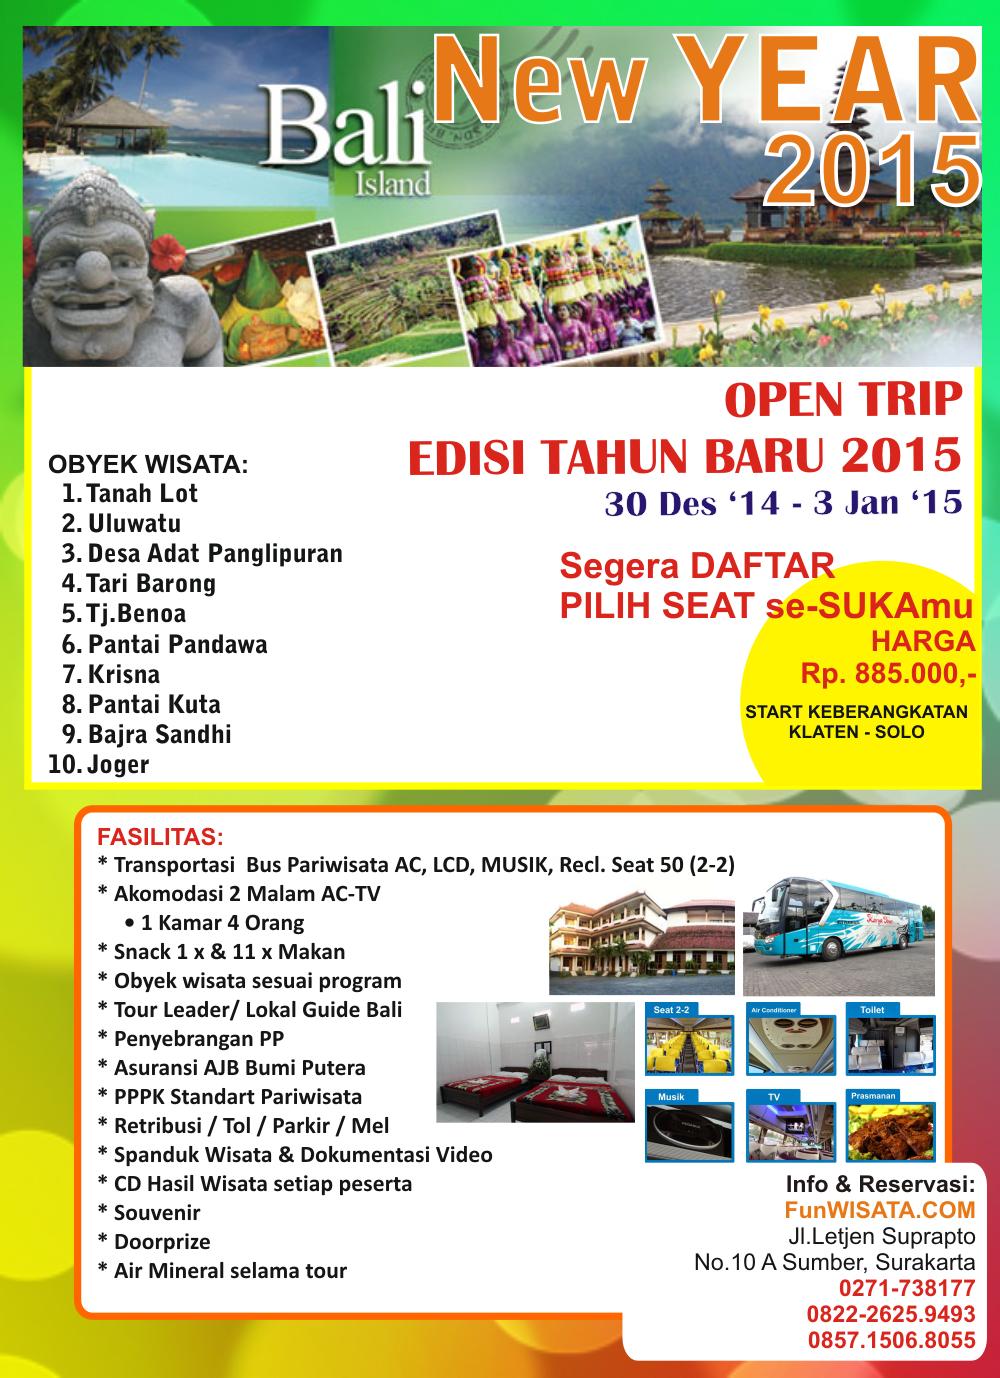 Wisata Ke Bali Tahun Baru 2015